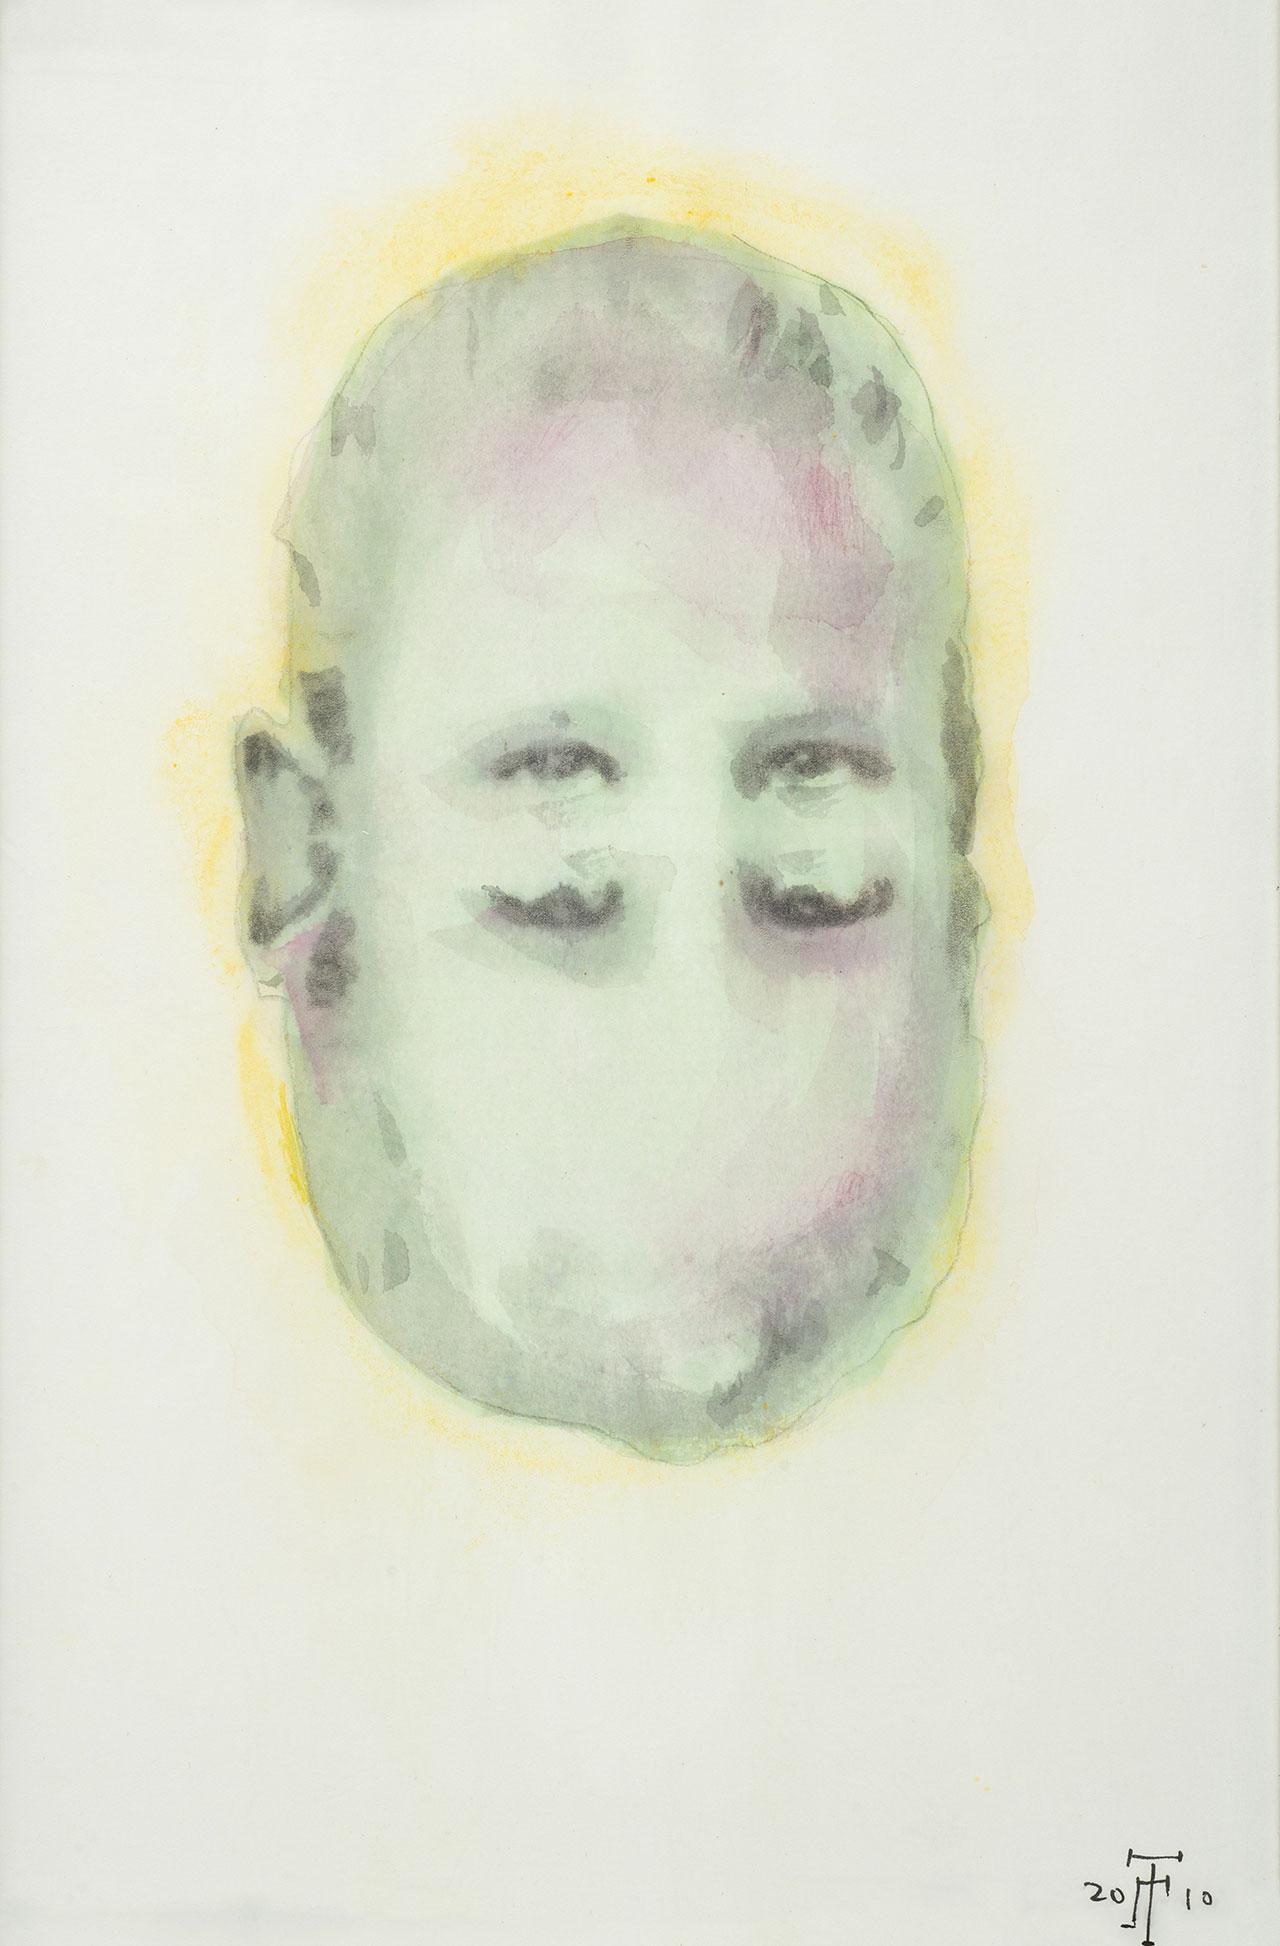 Άτιτλο, 2010, ακουαρέλα Α4